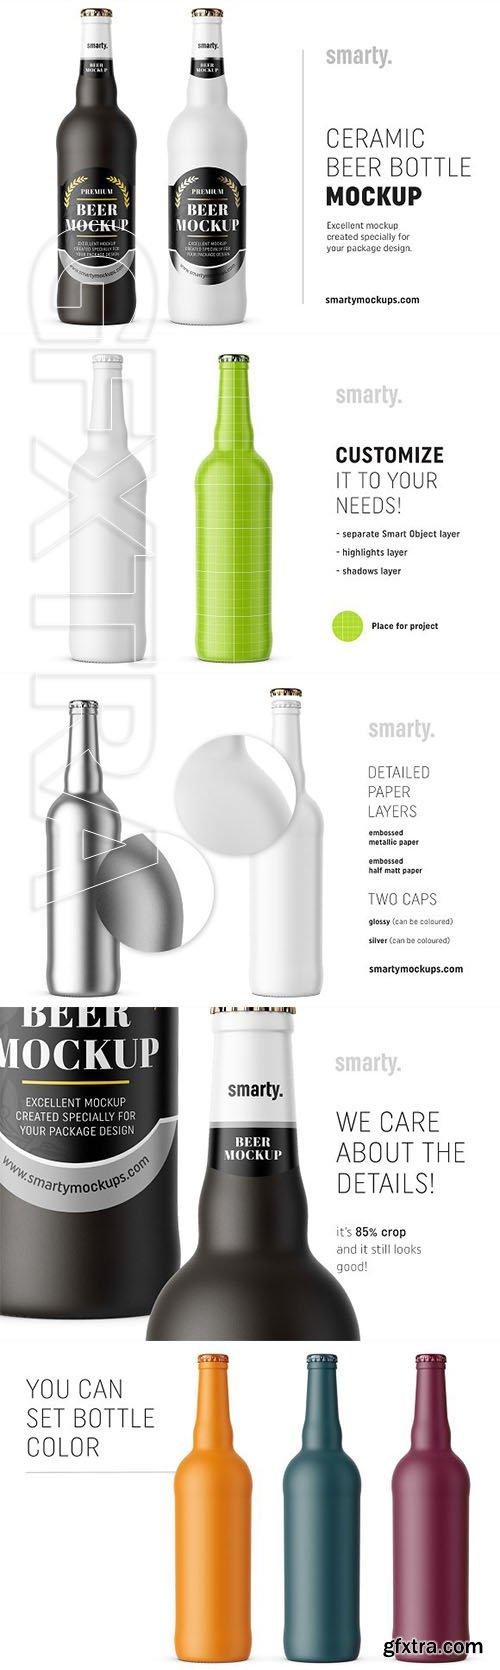 CreativeMarket - Ceramic beer bottle mockup 2975541